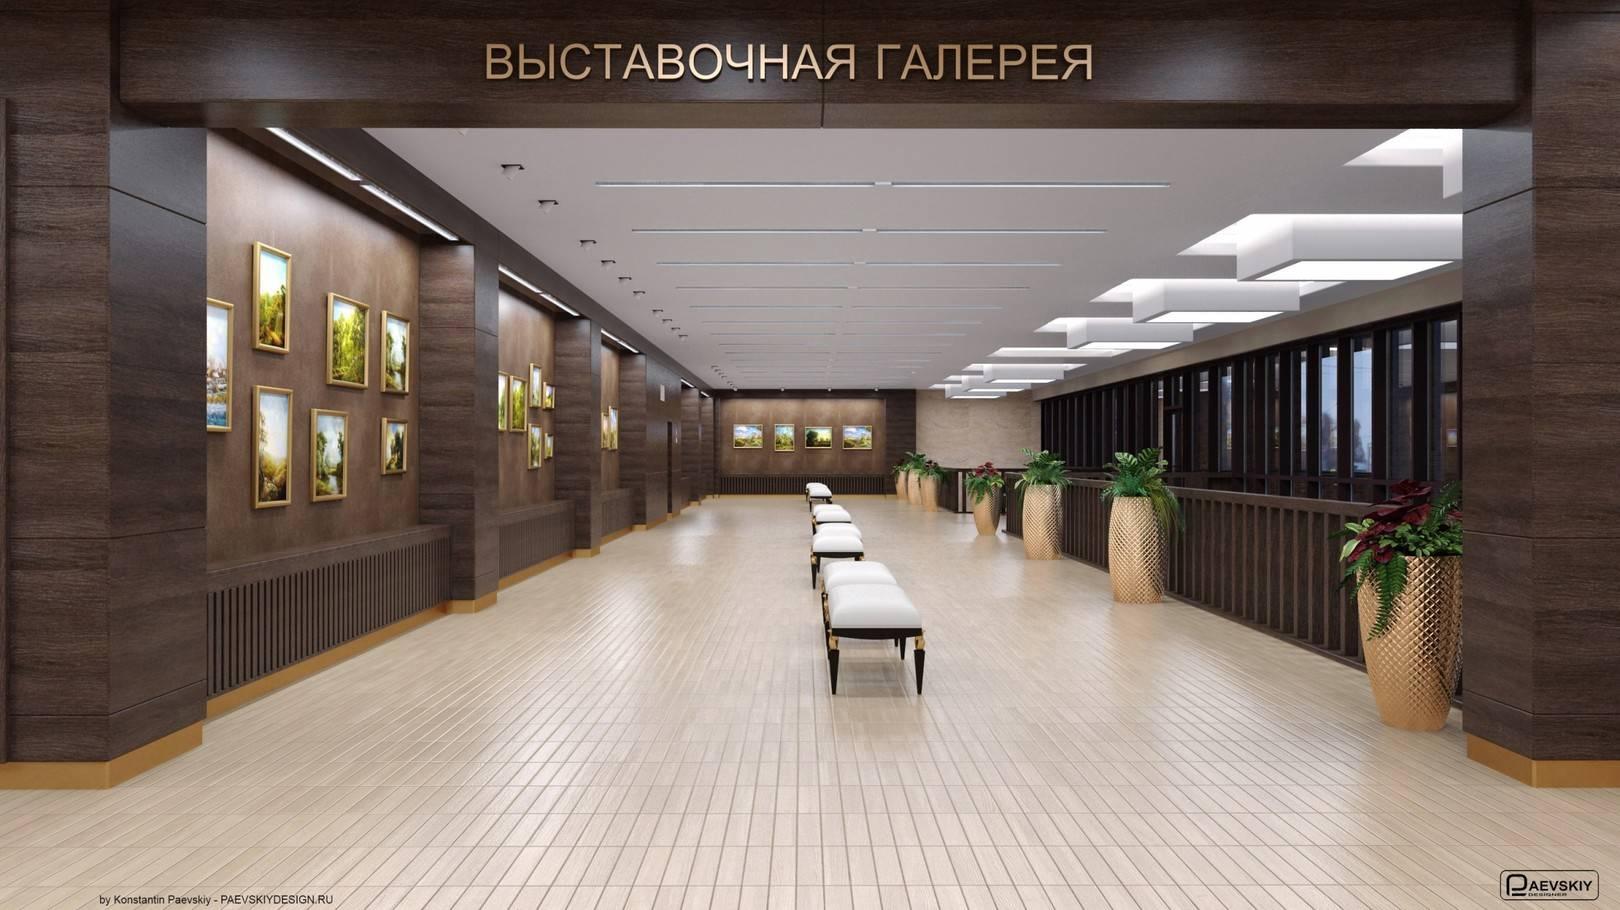 Выставочная галерея 2 этаж